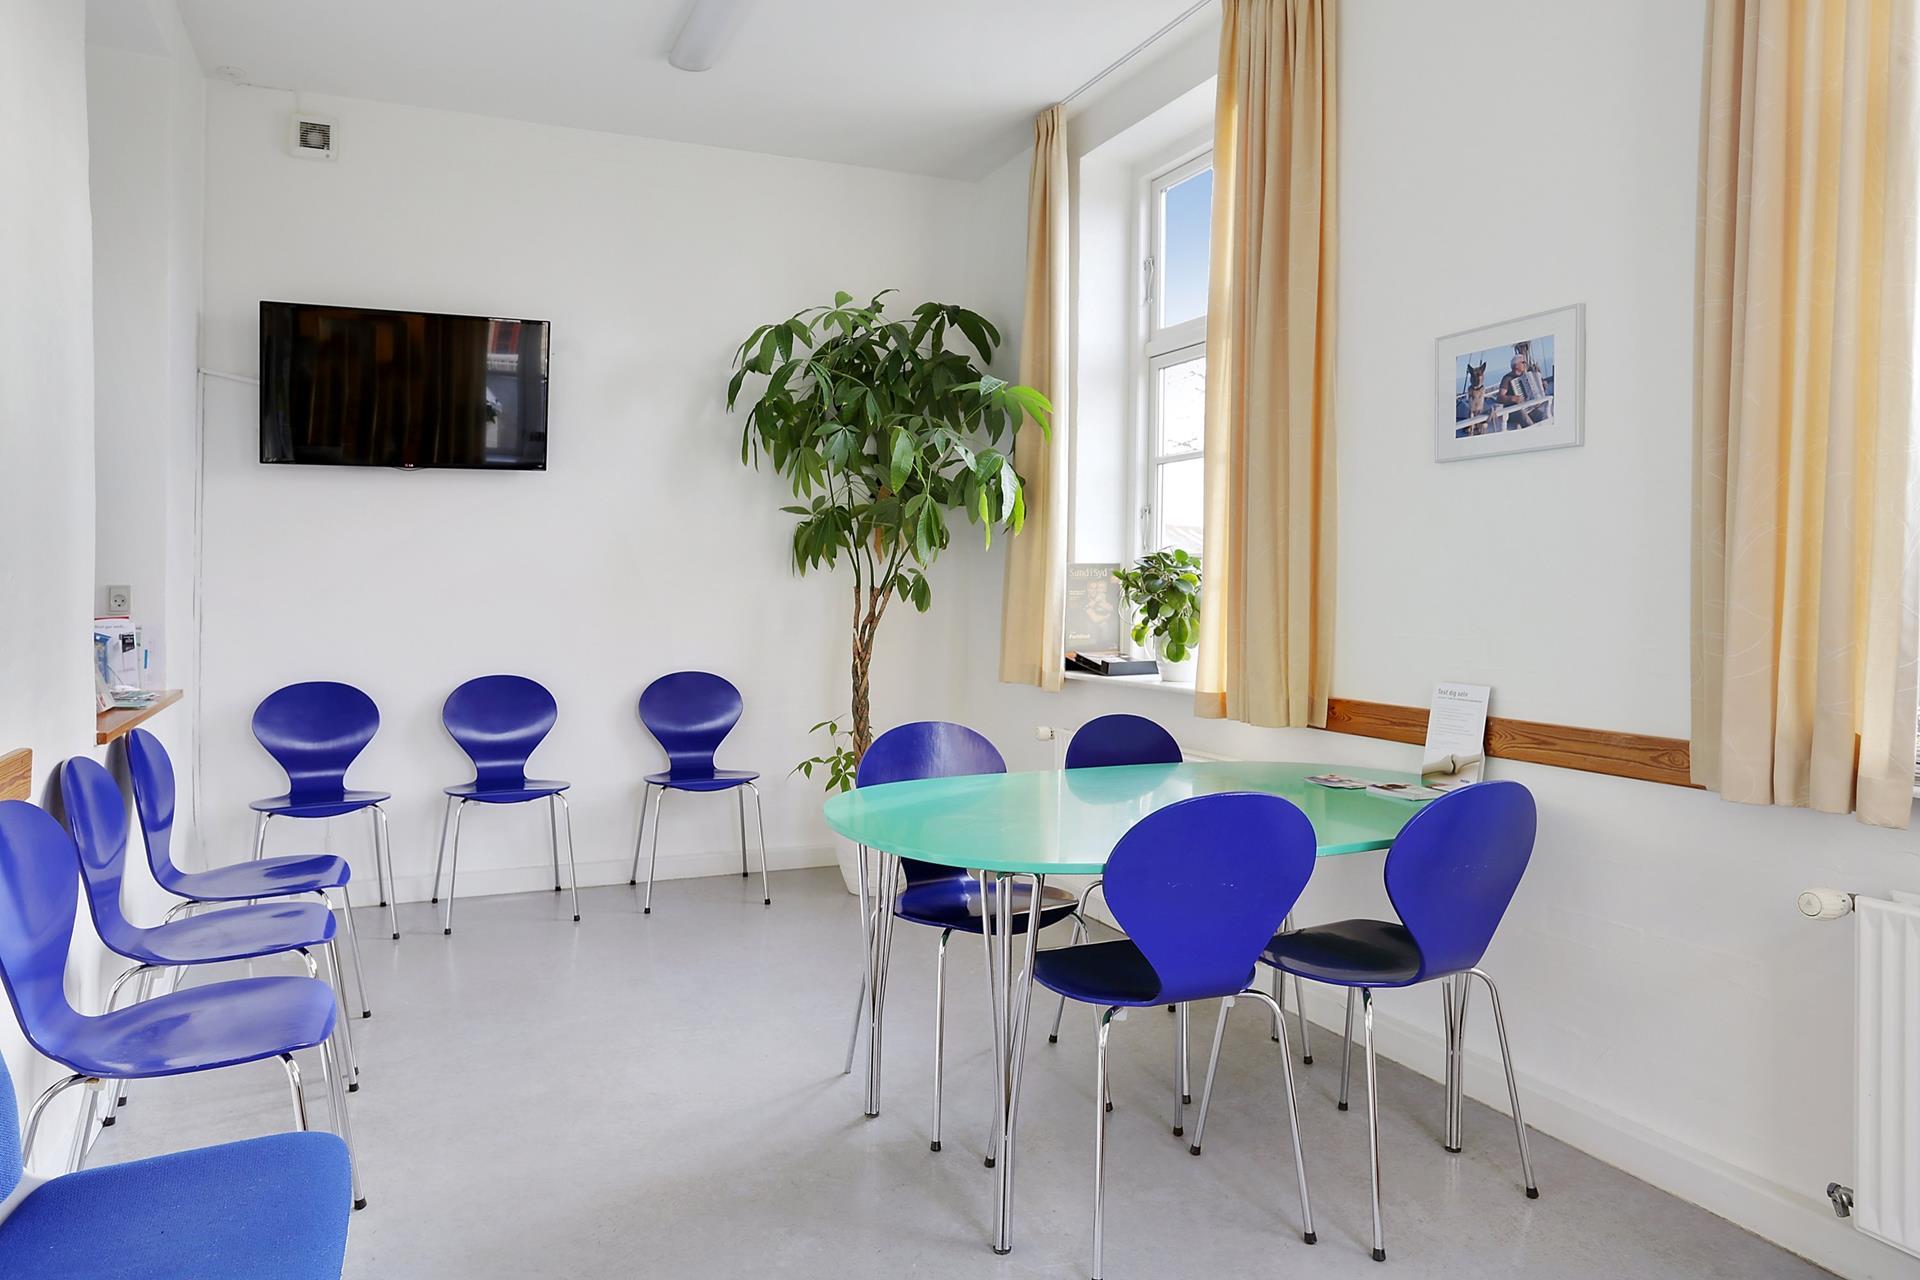 Bolig/erhverv på Nørregade i Haderslev - Møderum